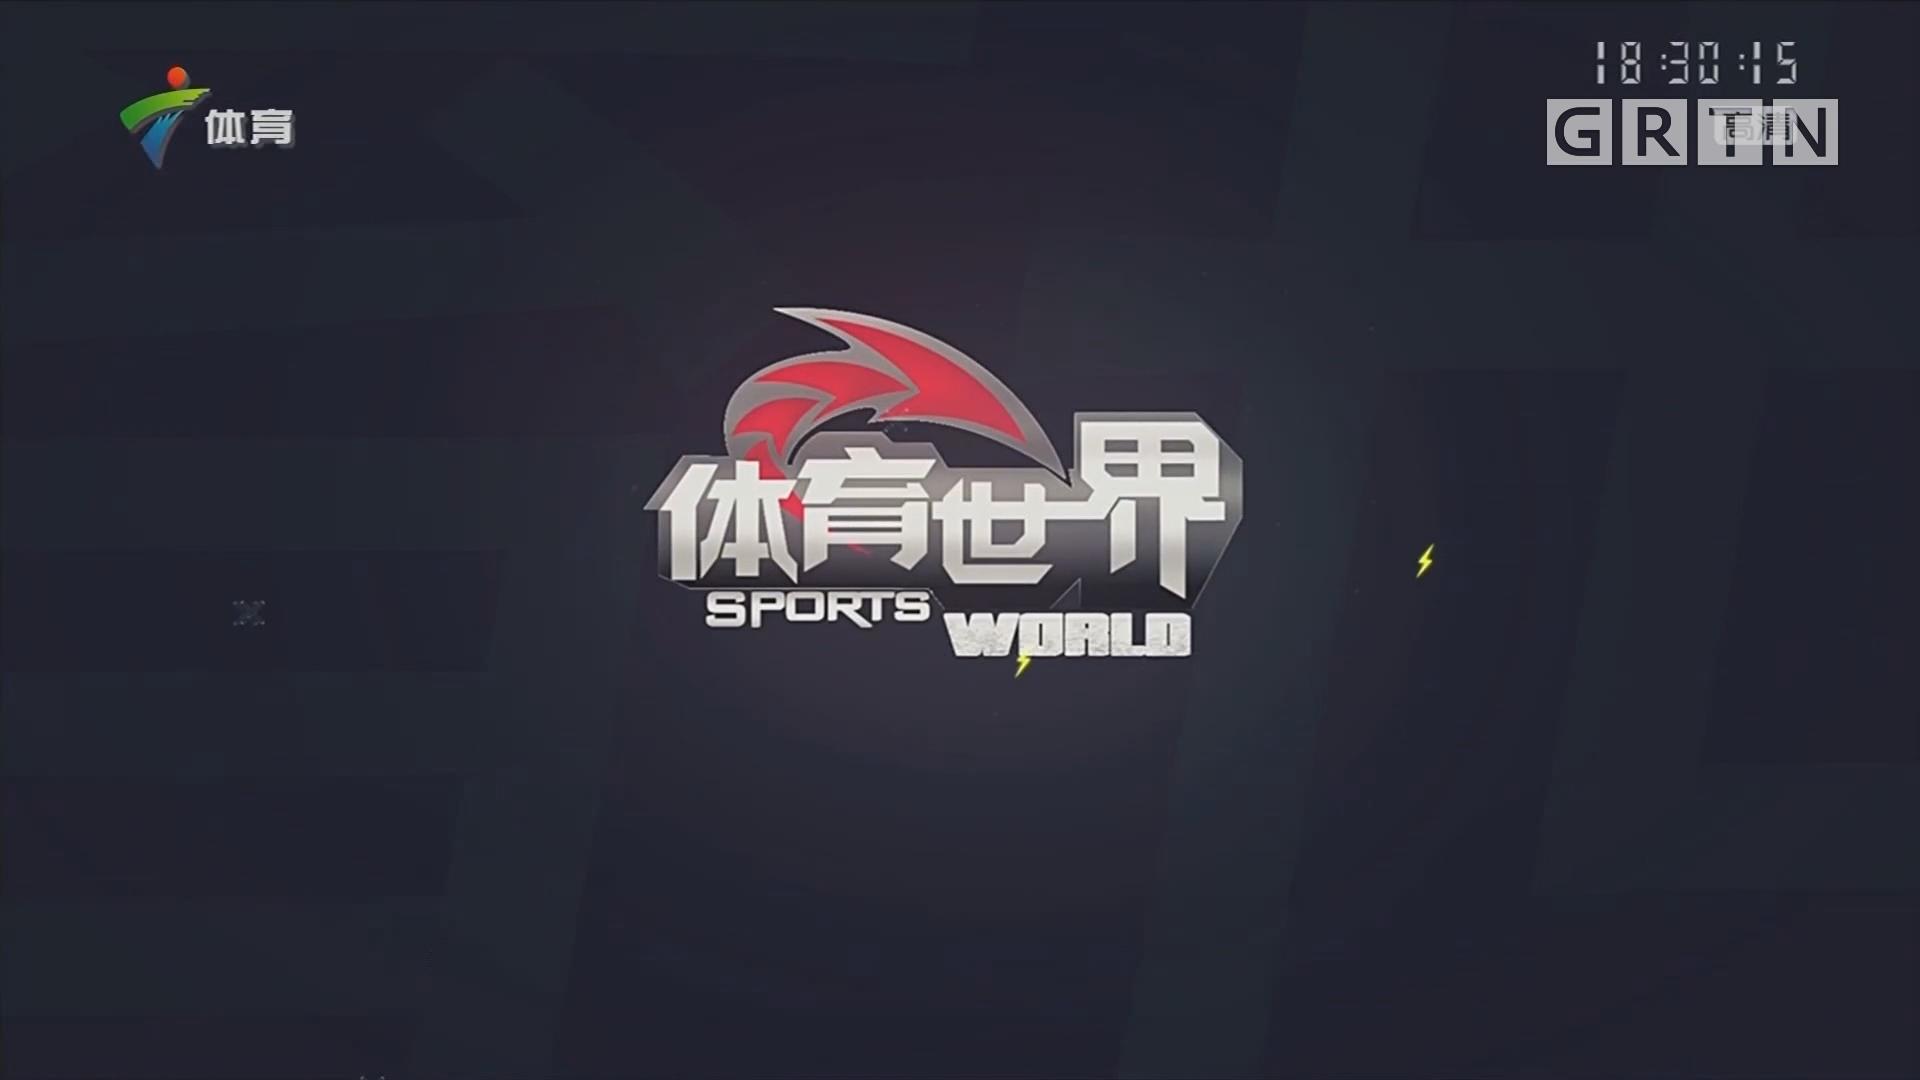 [HD][2019-04-27]体育世界:四城兽医师为爱奔跑 用脚步丈量爱